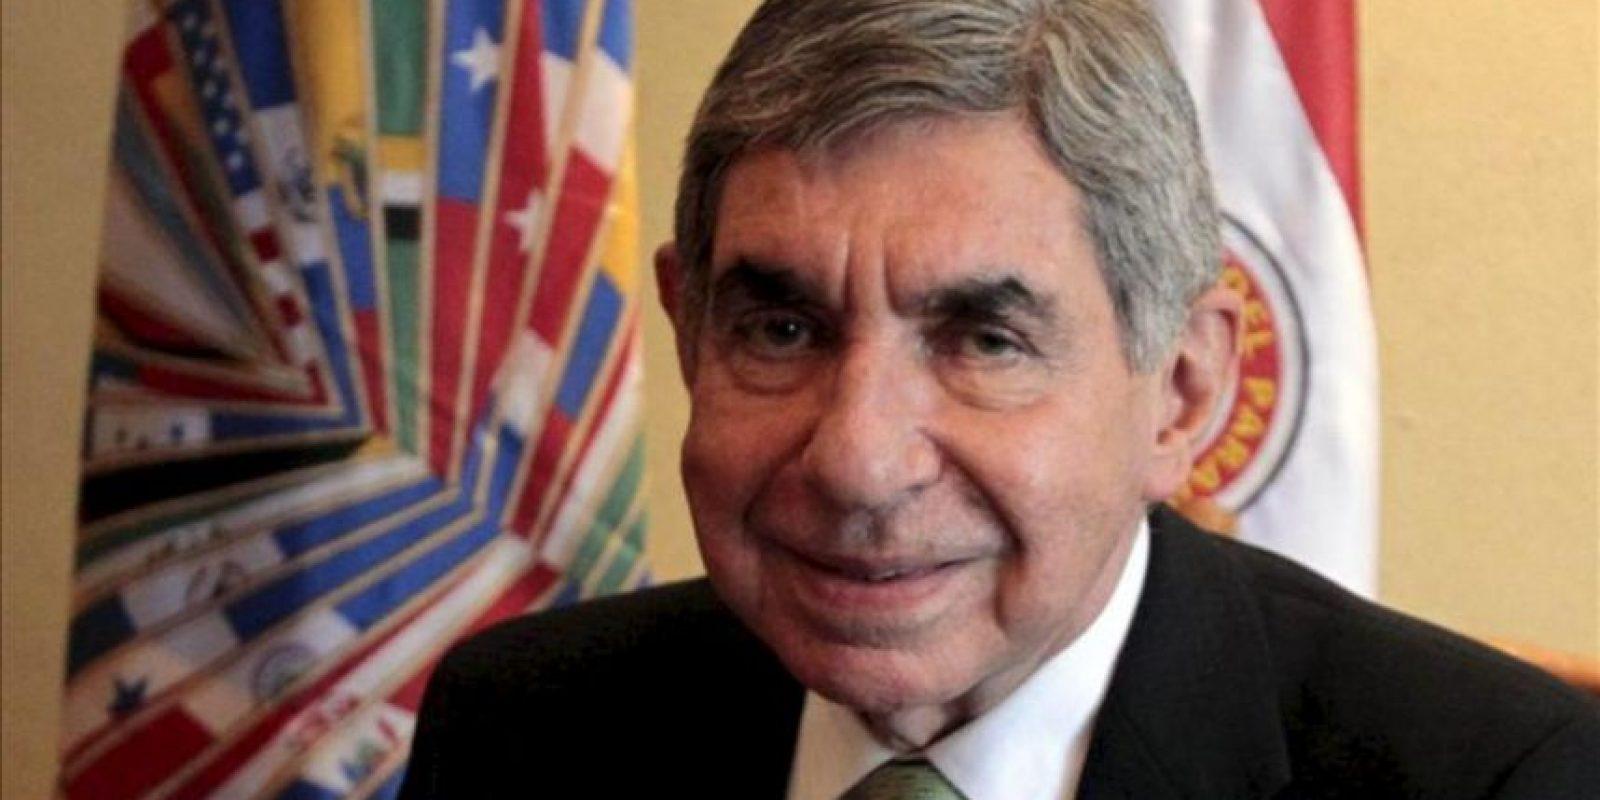 El expresidente de Costa Rica Oscar Arias habla durante una entrevista con Efe este miércoles 27 de febrero de 2013, en un hotel de Asunción. EFE